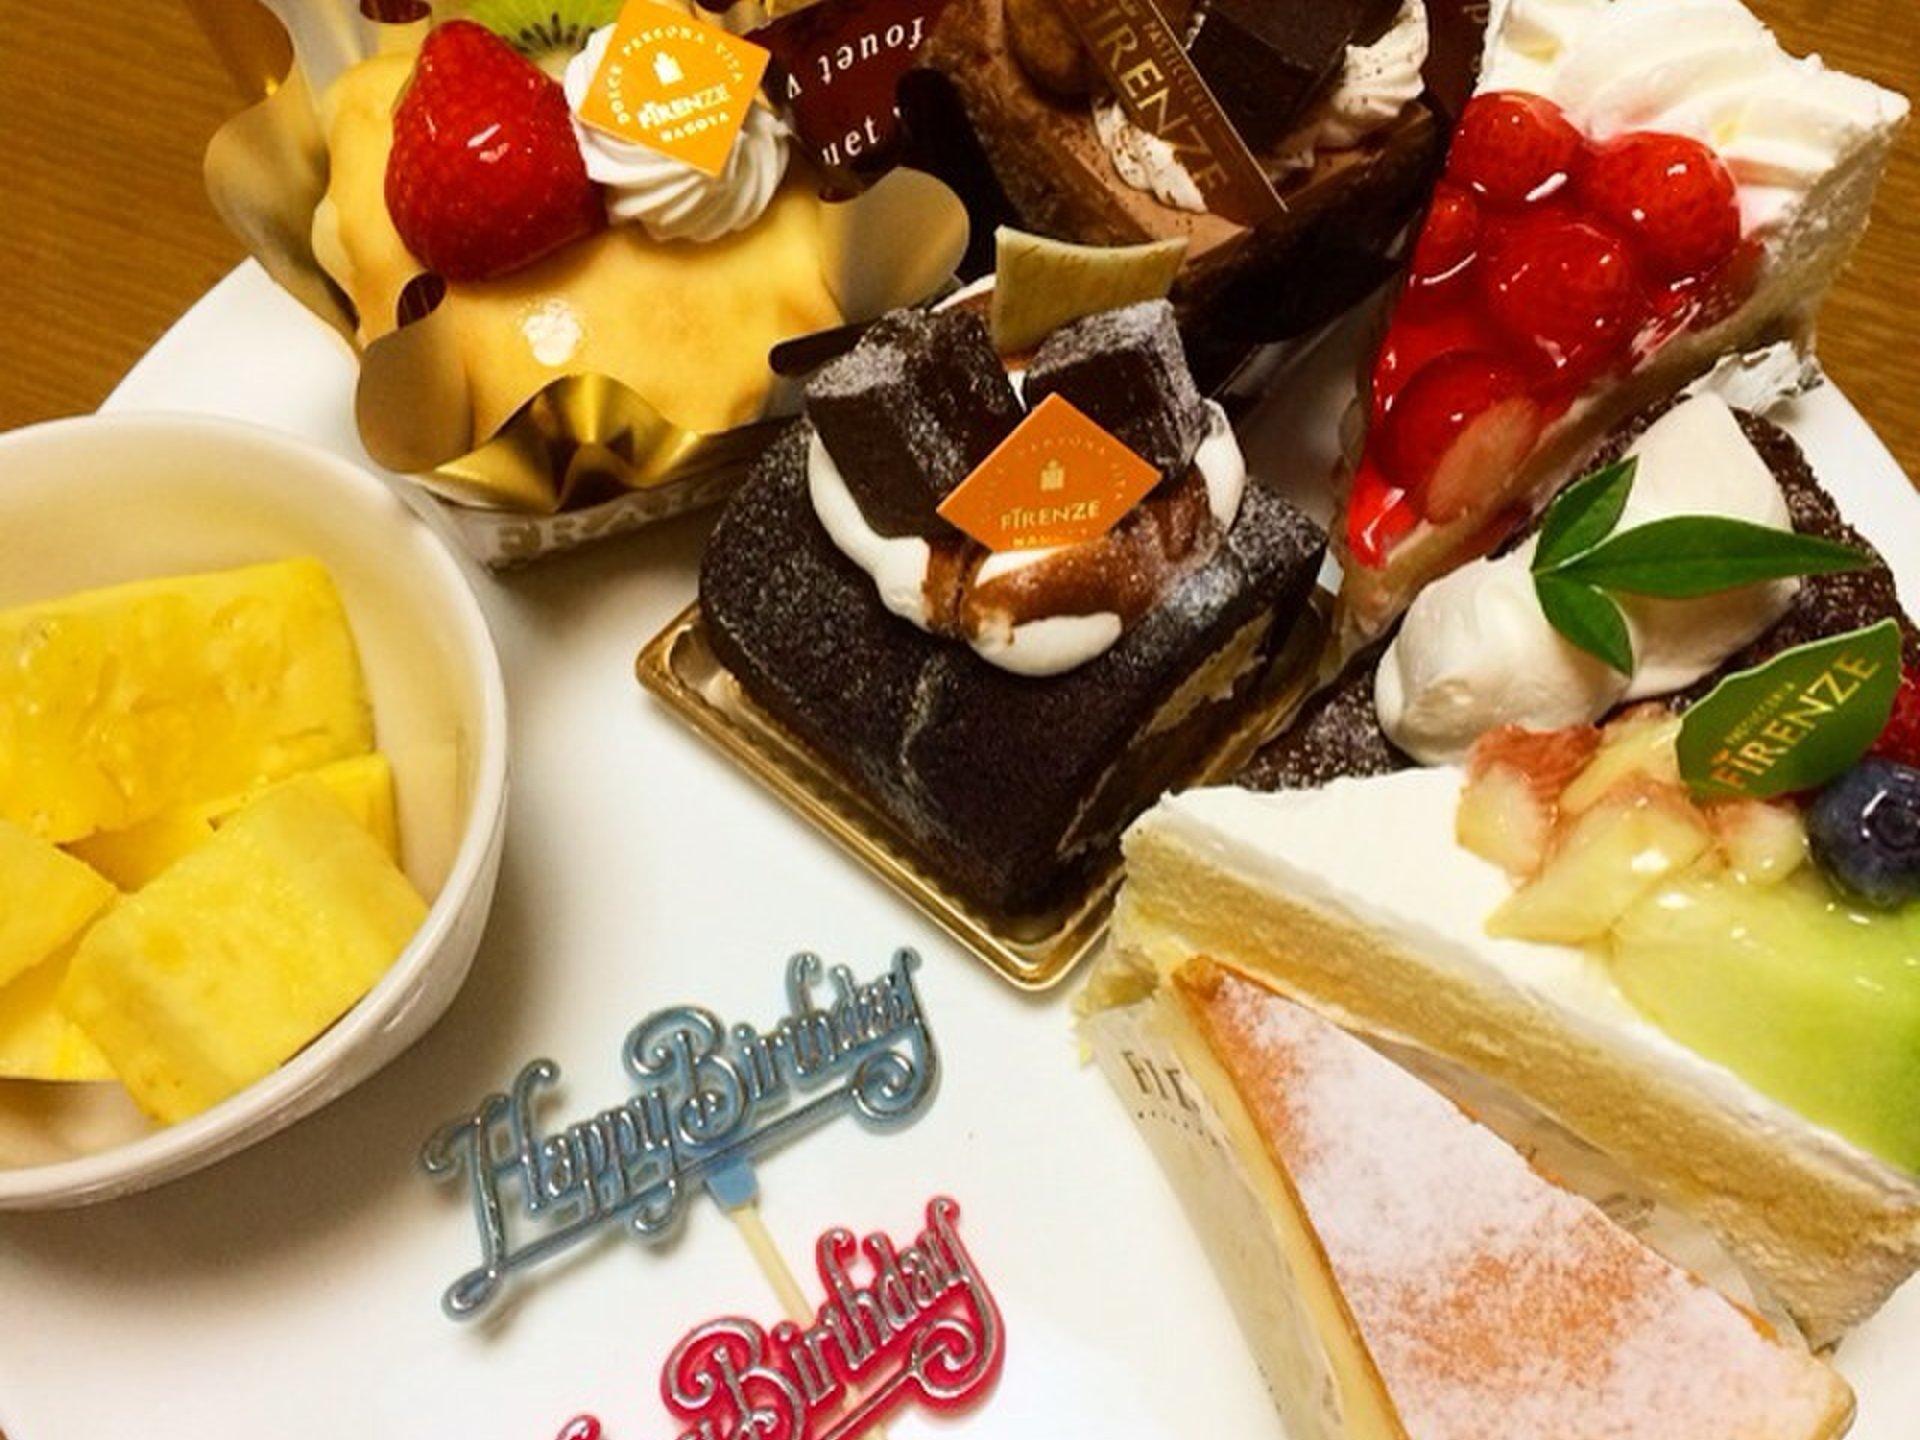 名古屋にある絶品ケーキ屋さん【フィレンツェのケーキをオシャレに盛り付け】妹の誕生日会